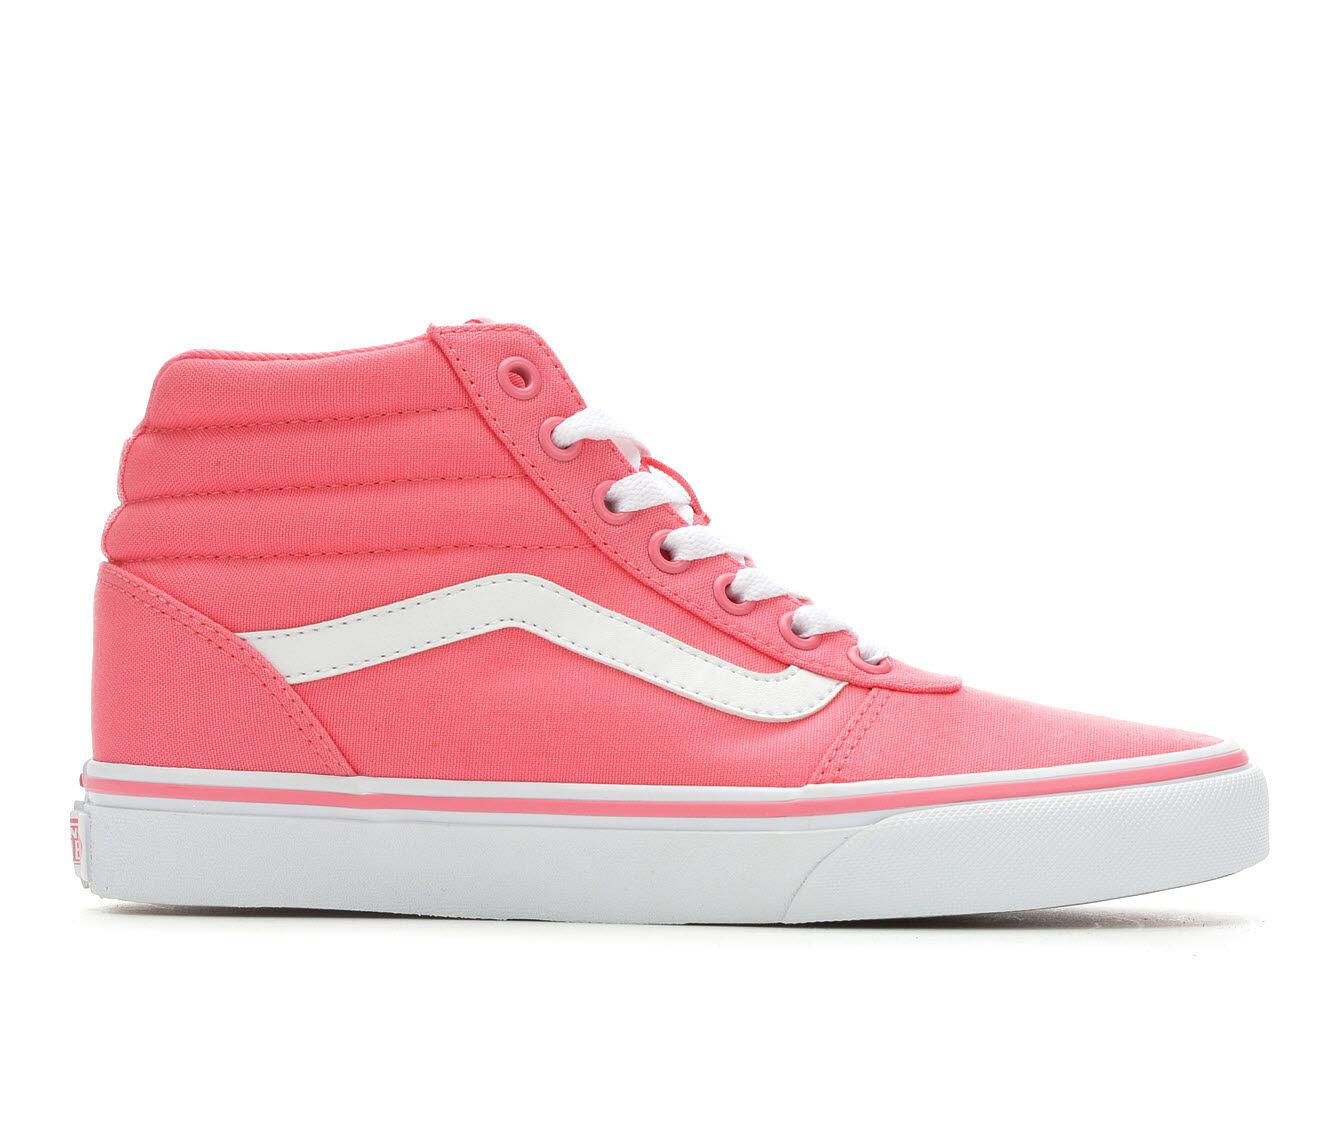 Women's Vans Ward Hi High Top Sneakers Strawberry Pink